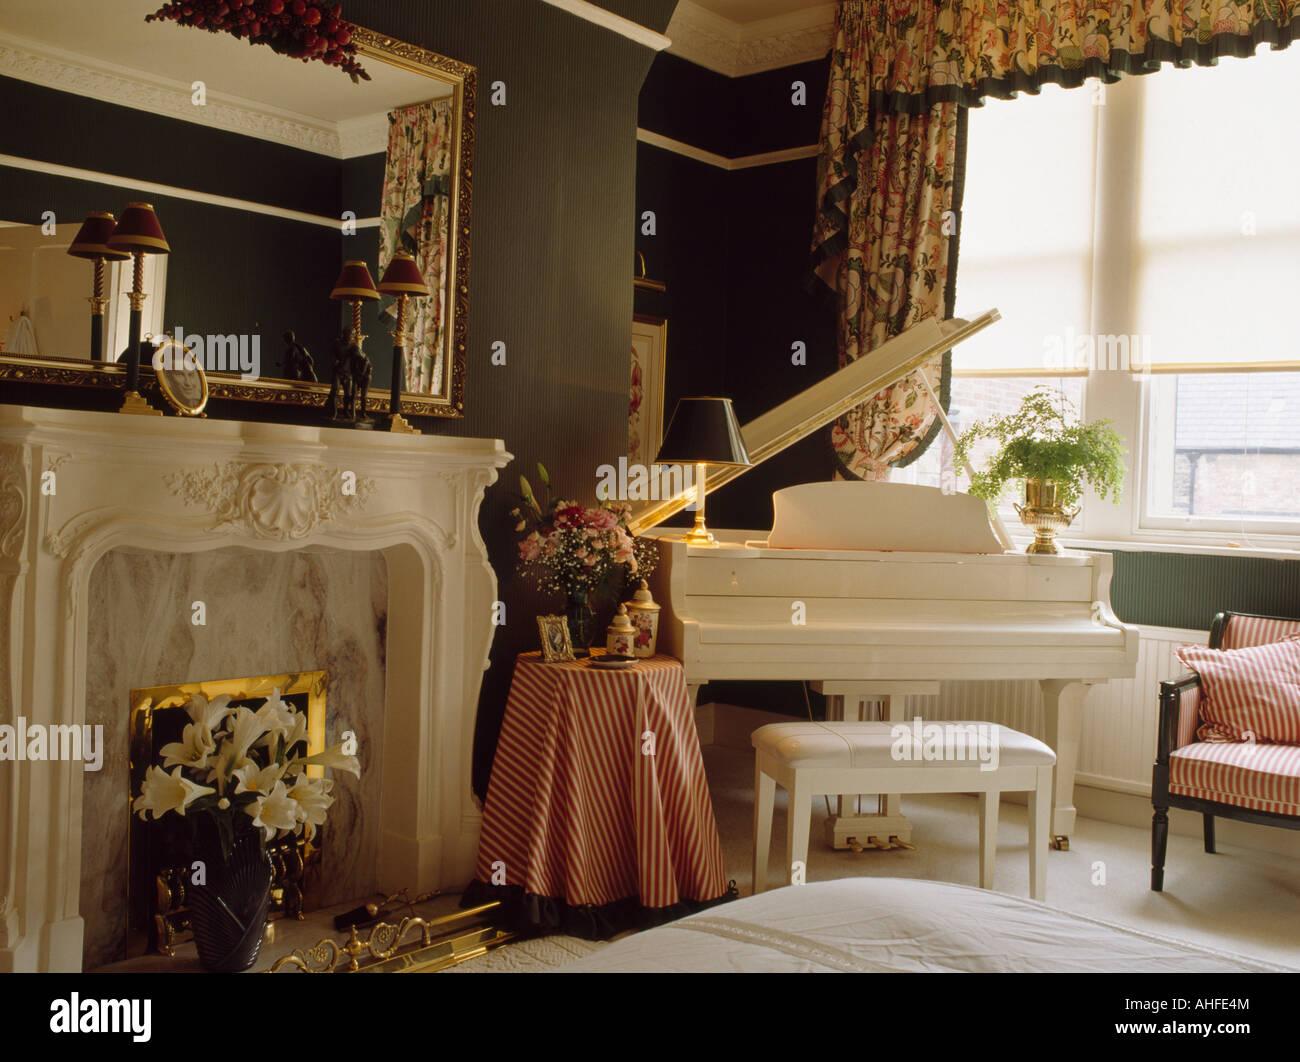 Grand Piano Living Room Stockfotos & Grand Piano Living Room Bilder ...